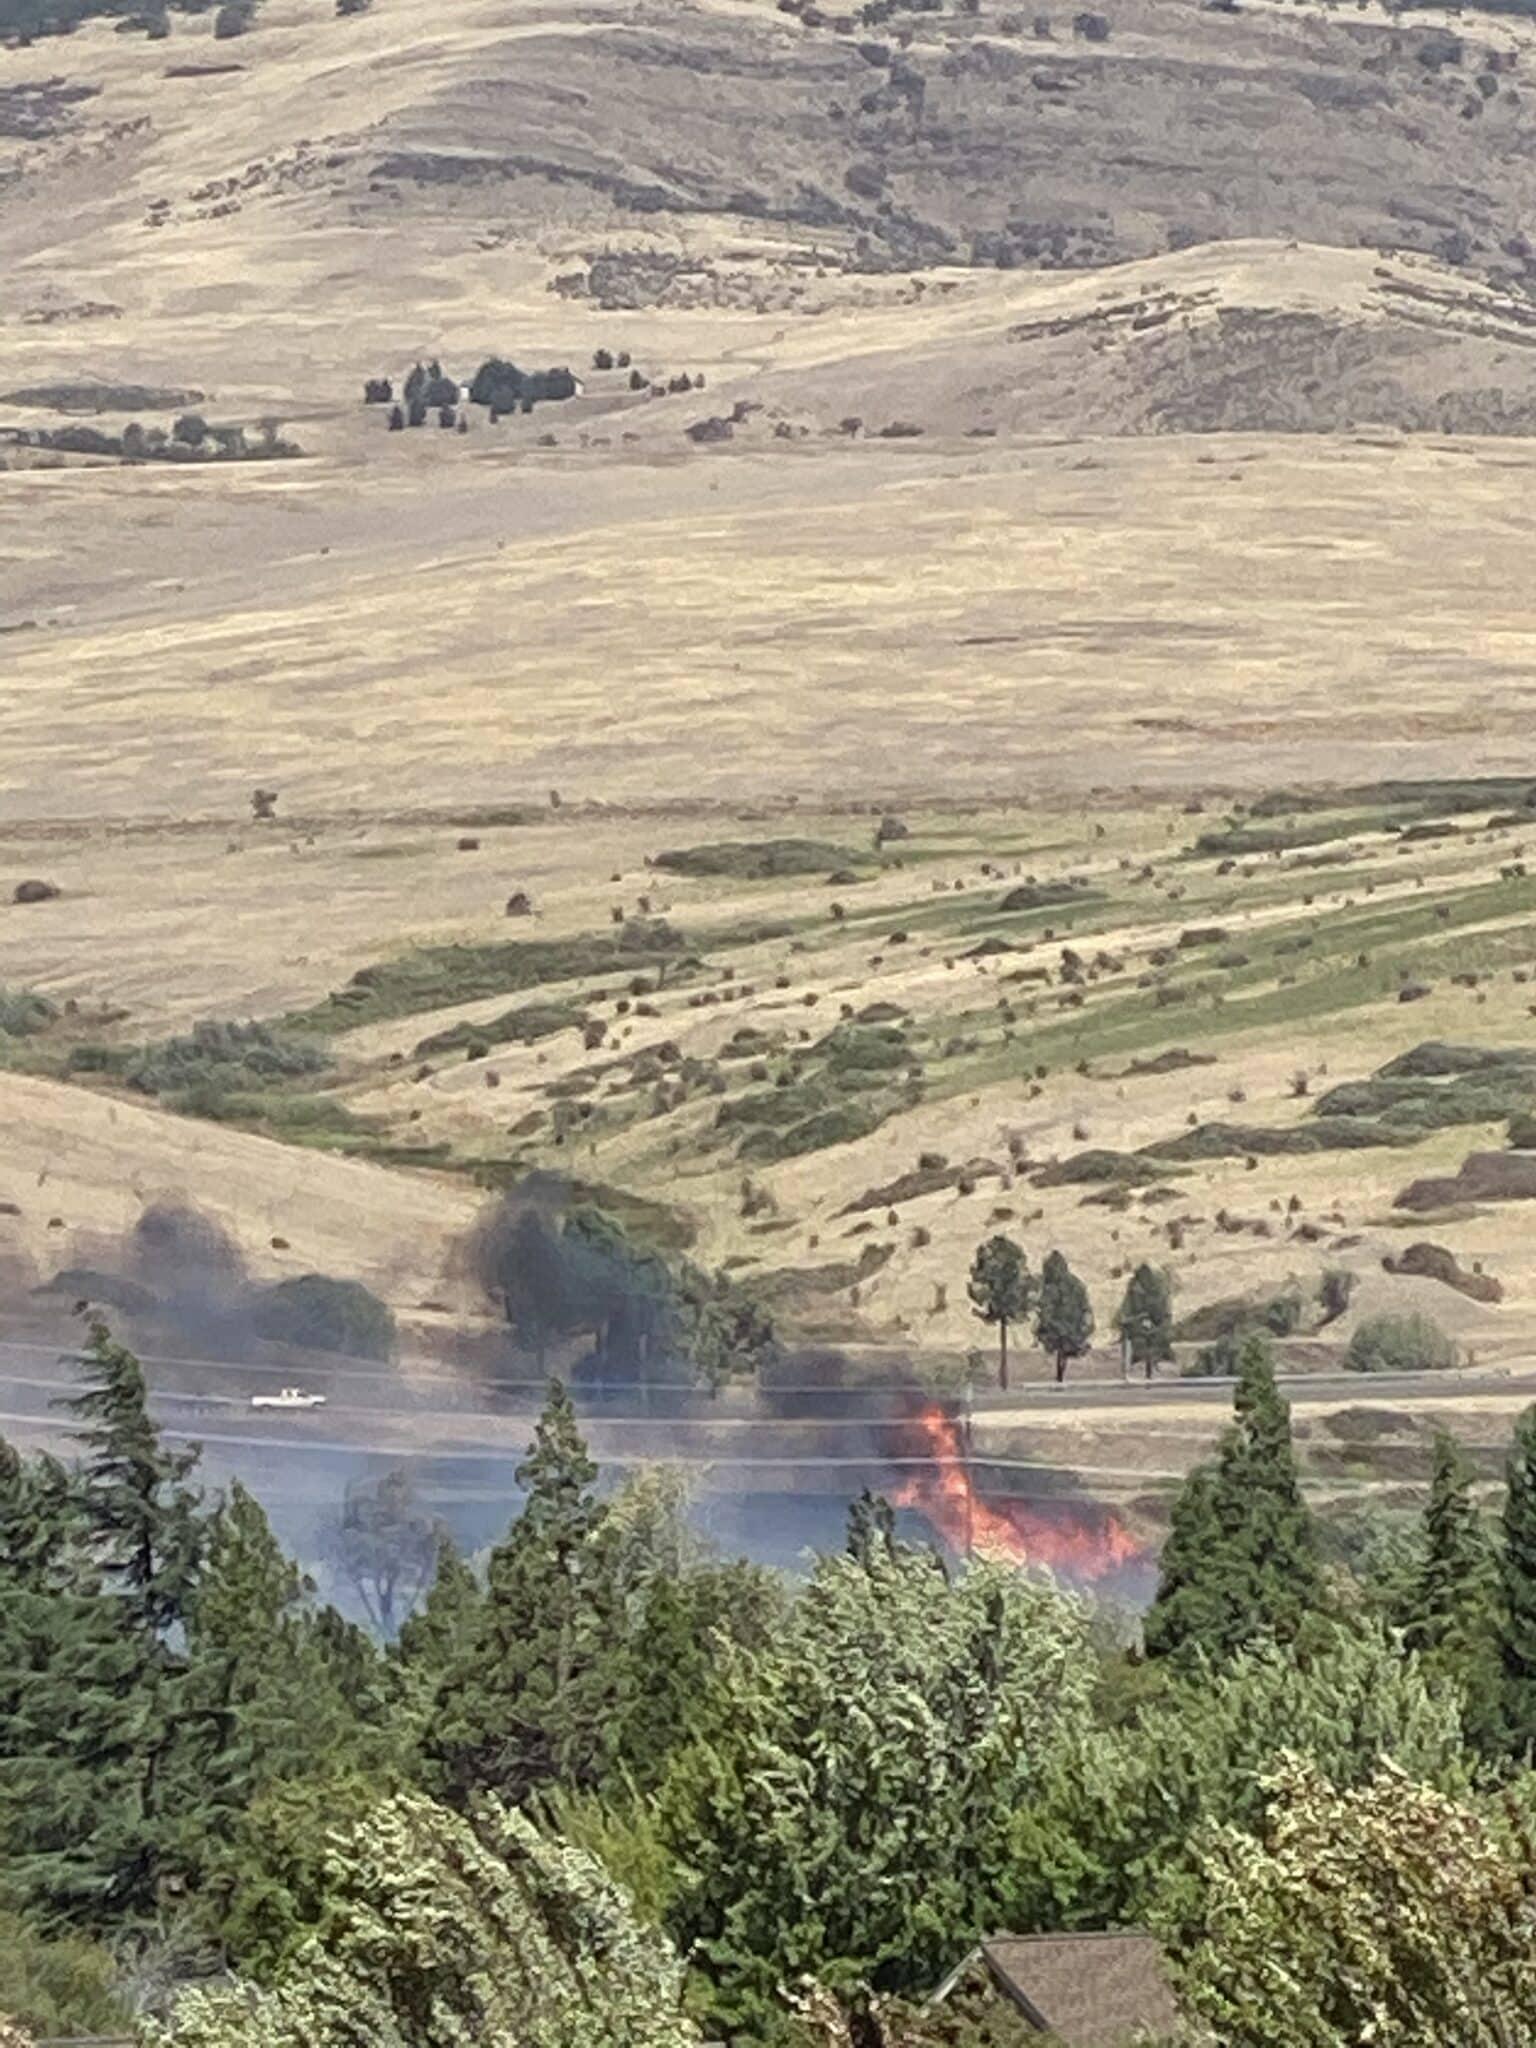 Almeda Fire Sept 2020 Ashland Oregon